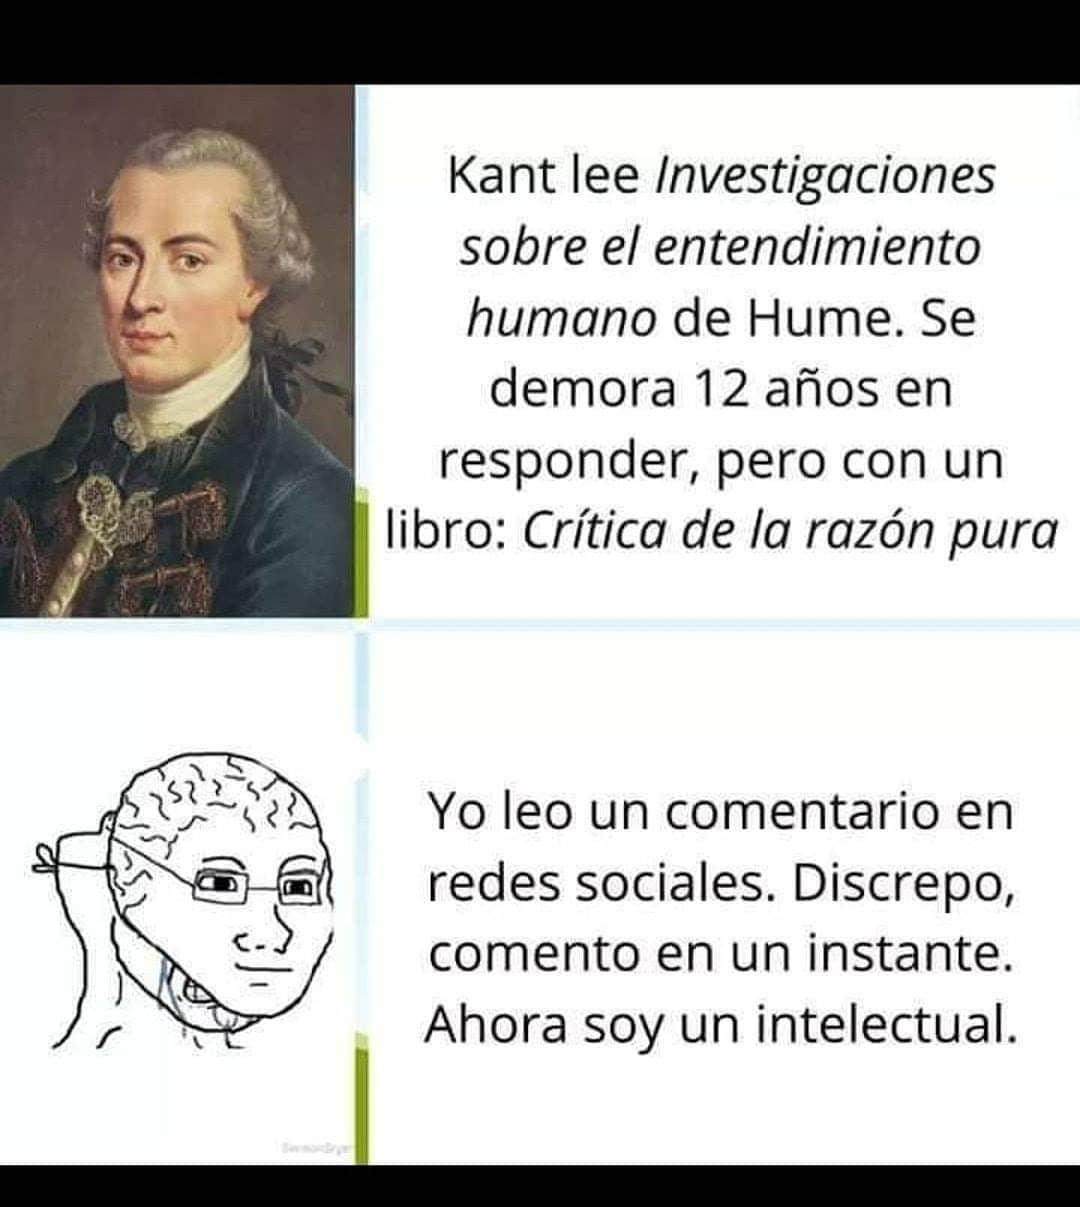 Kant lee Investigaciones sobre el entendimiento humano de Hume. Se demora 12 años en responder, pero con un libro: Crítica de la razón pura.  Yo leo un comentario en redes sociales. Discrepo, comento en un instante. Ahora soy un intelectual.